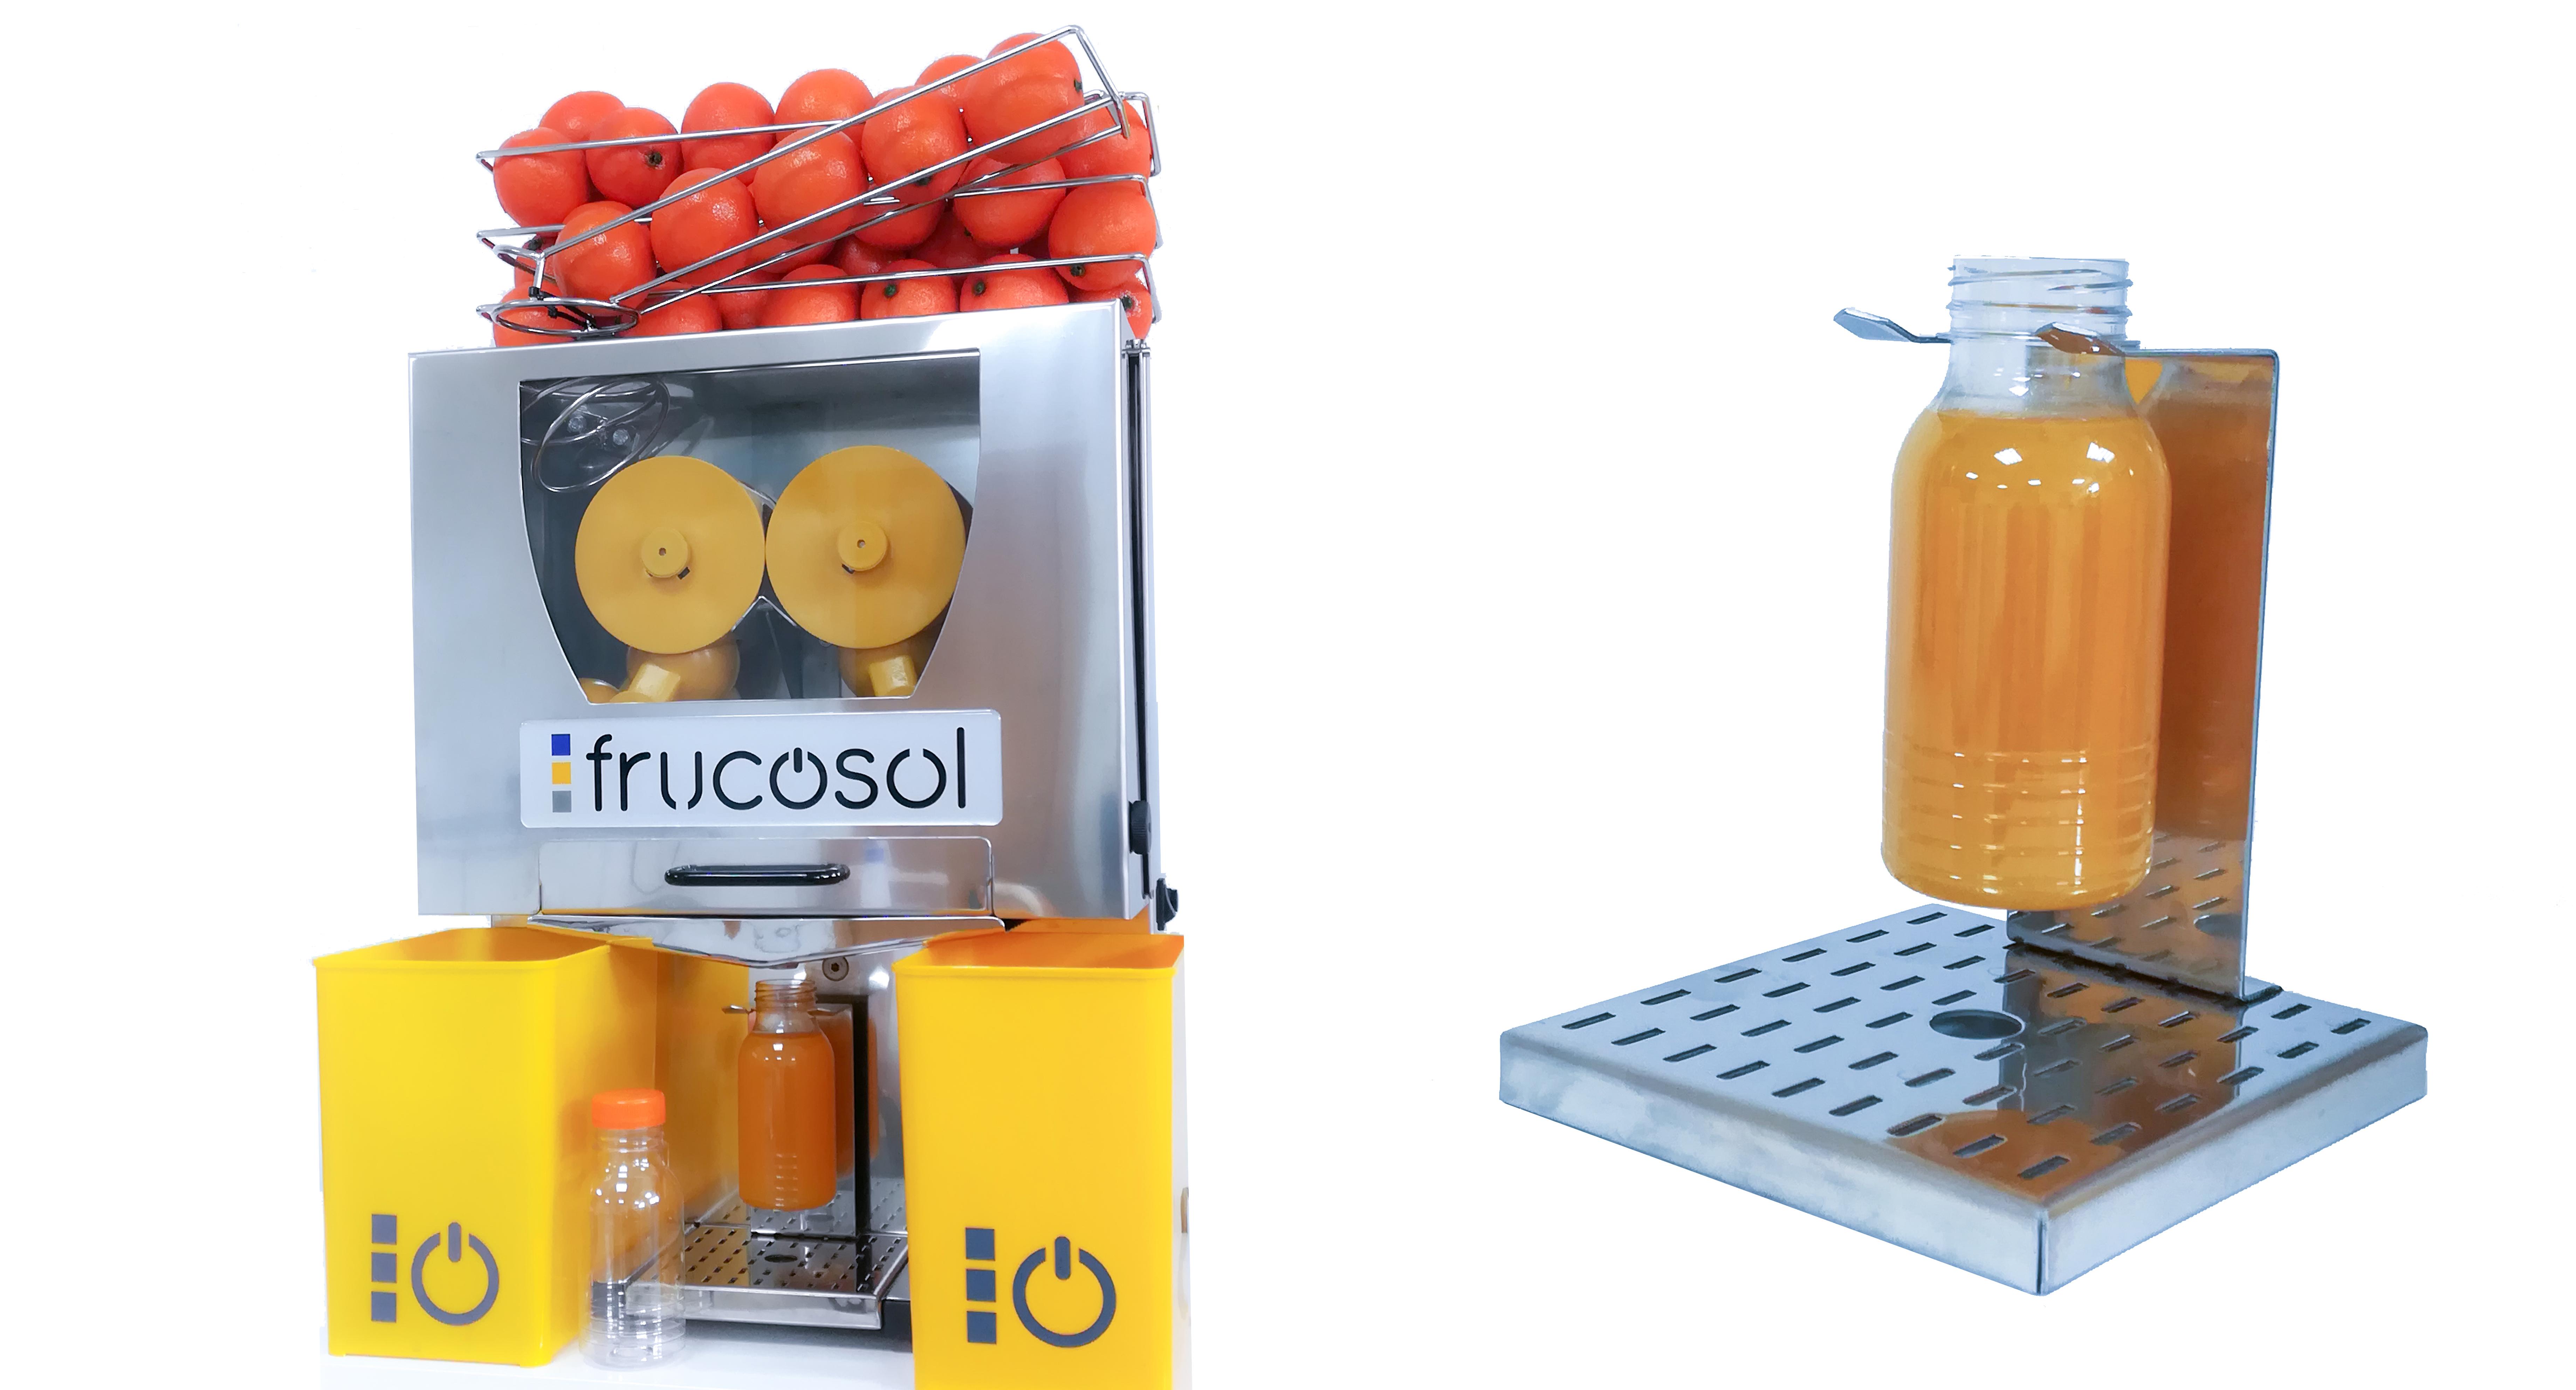 frucosol-exprimidora-zumo-horeca